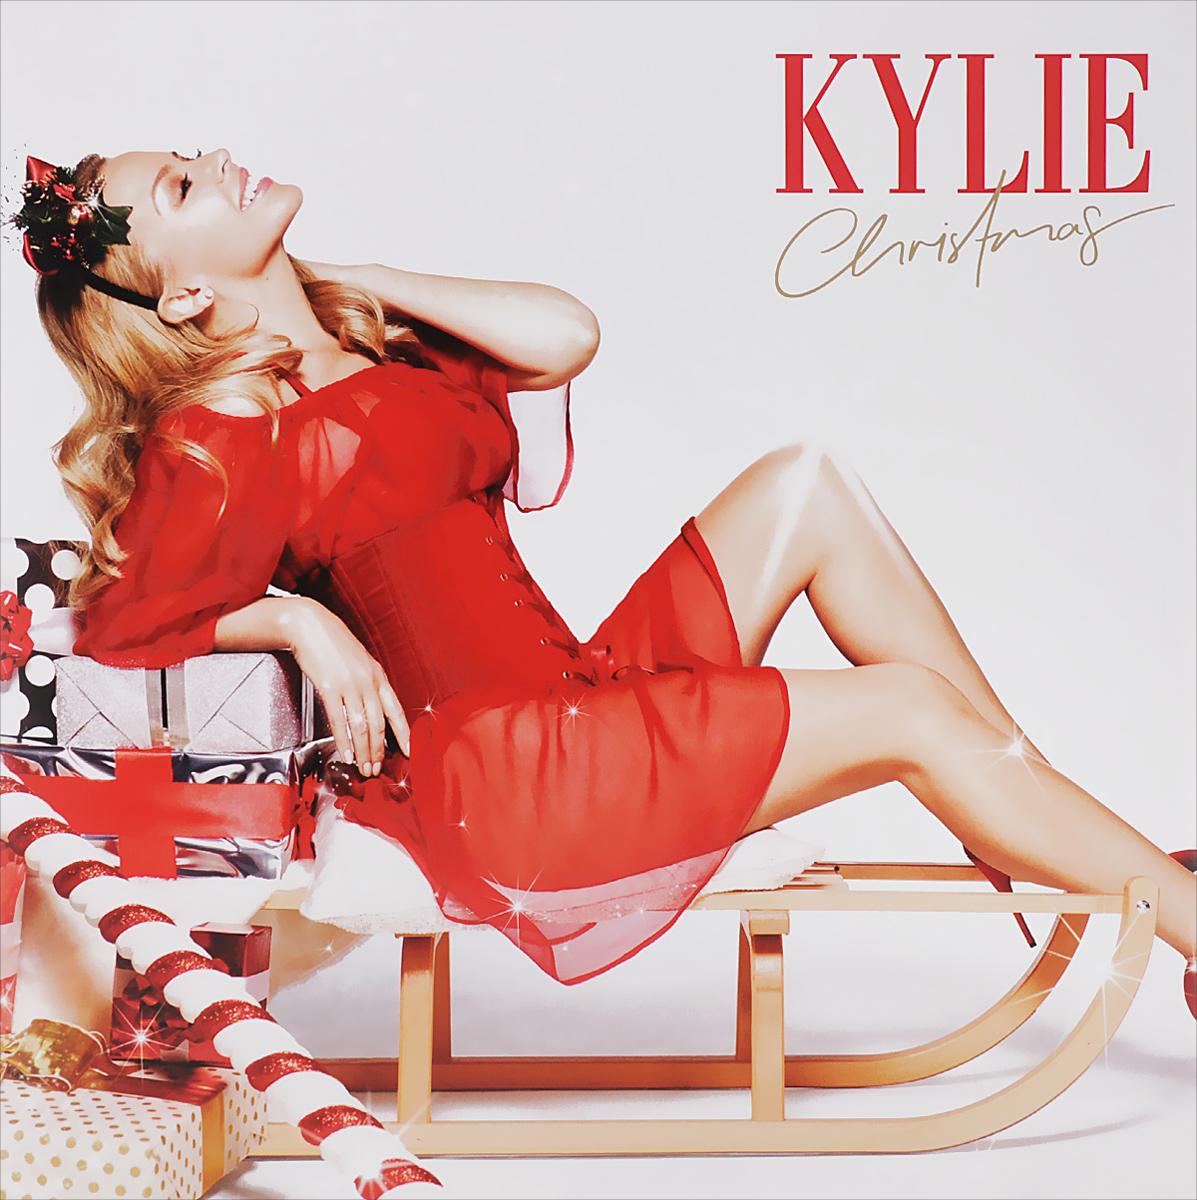 Kylie Kylie. Christmas (LP) рыжий кот настольная игра времена года